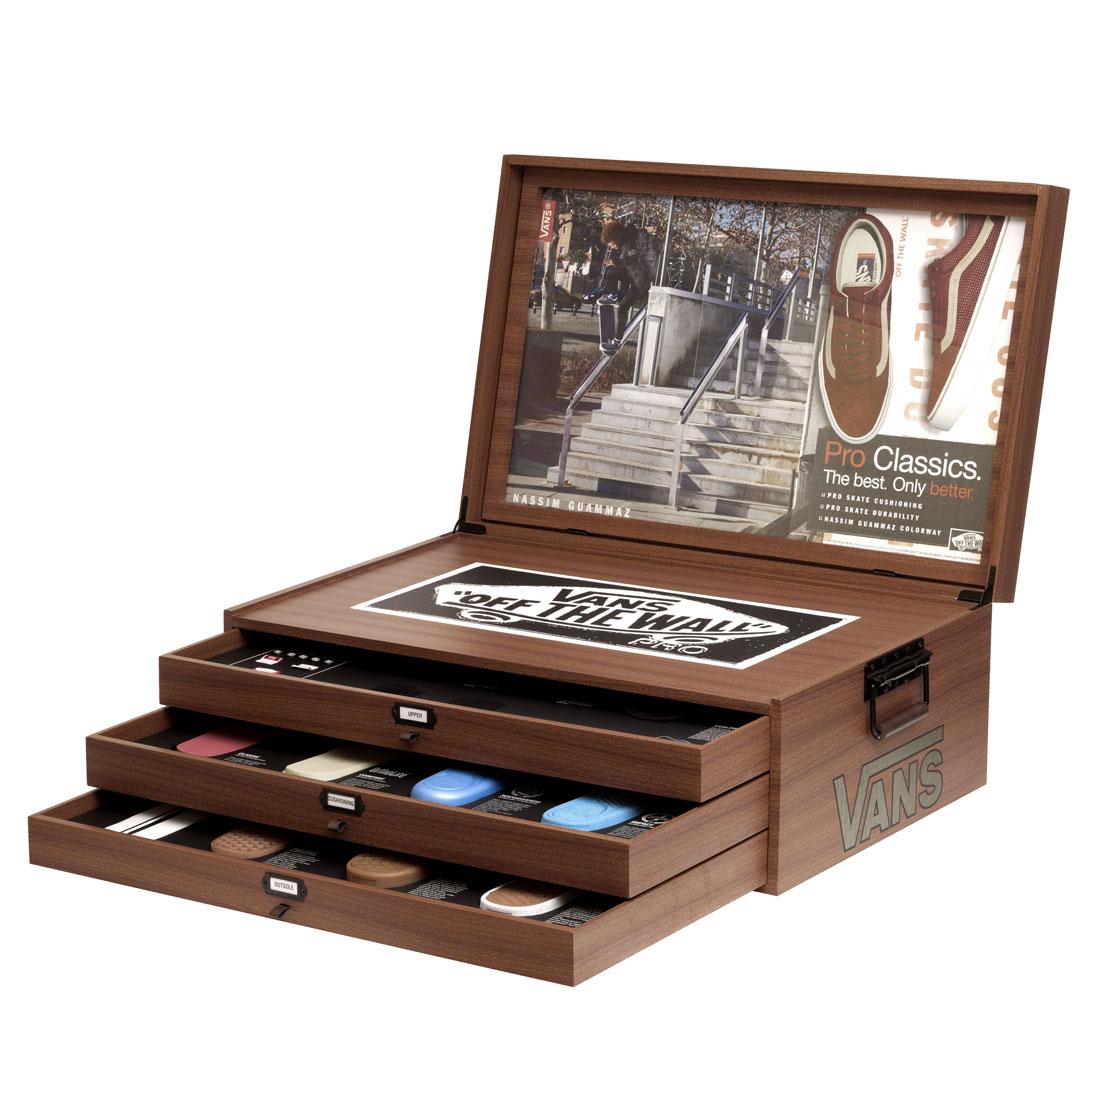 DCA-Vans-tool-box